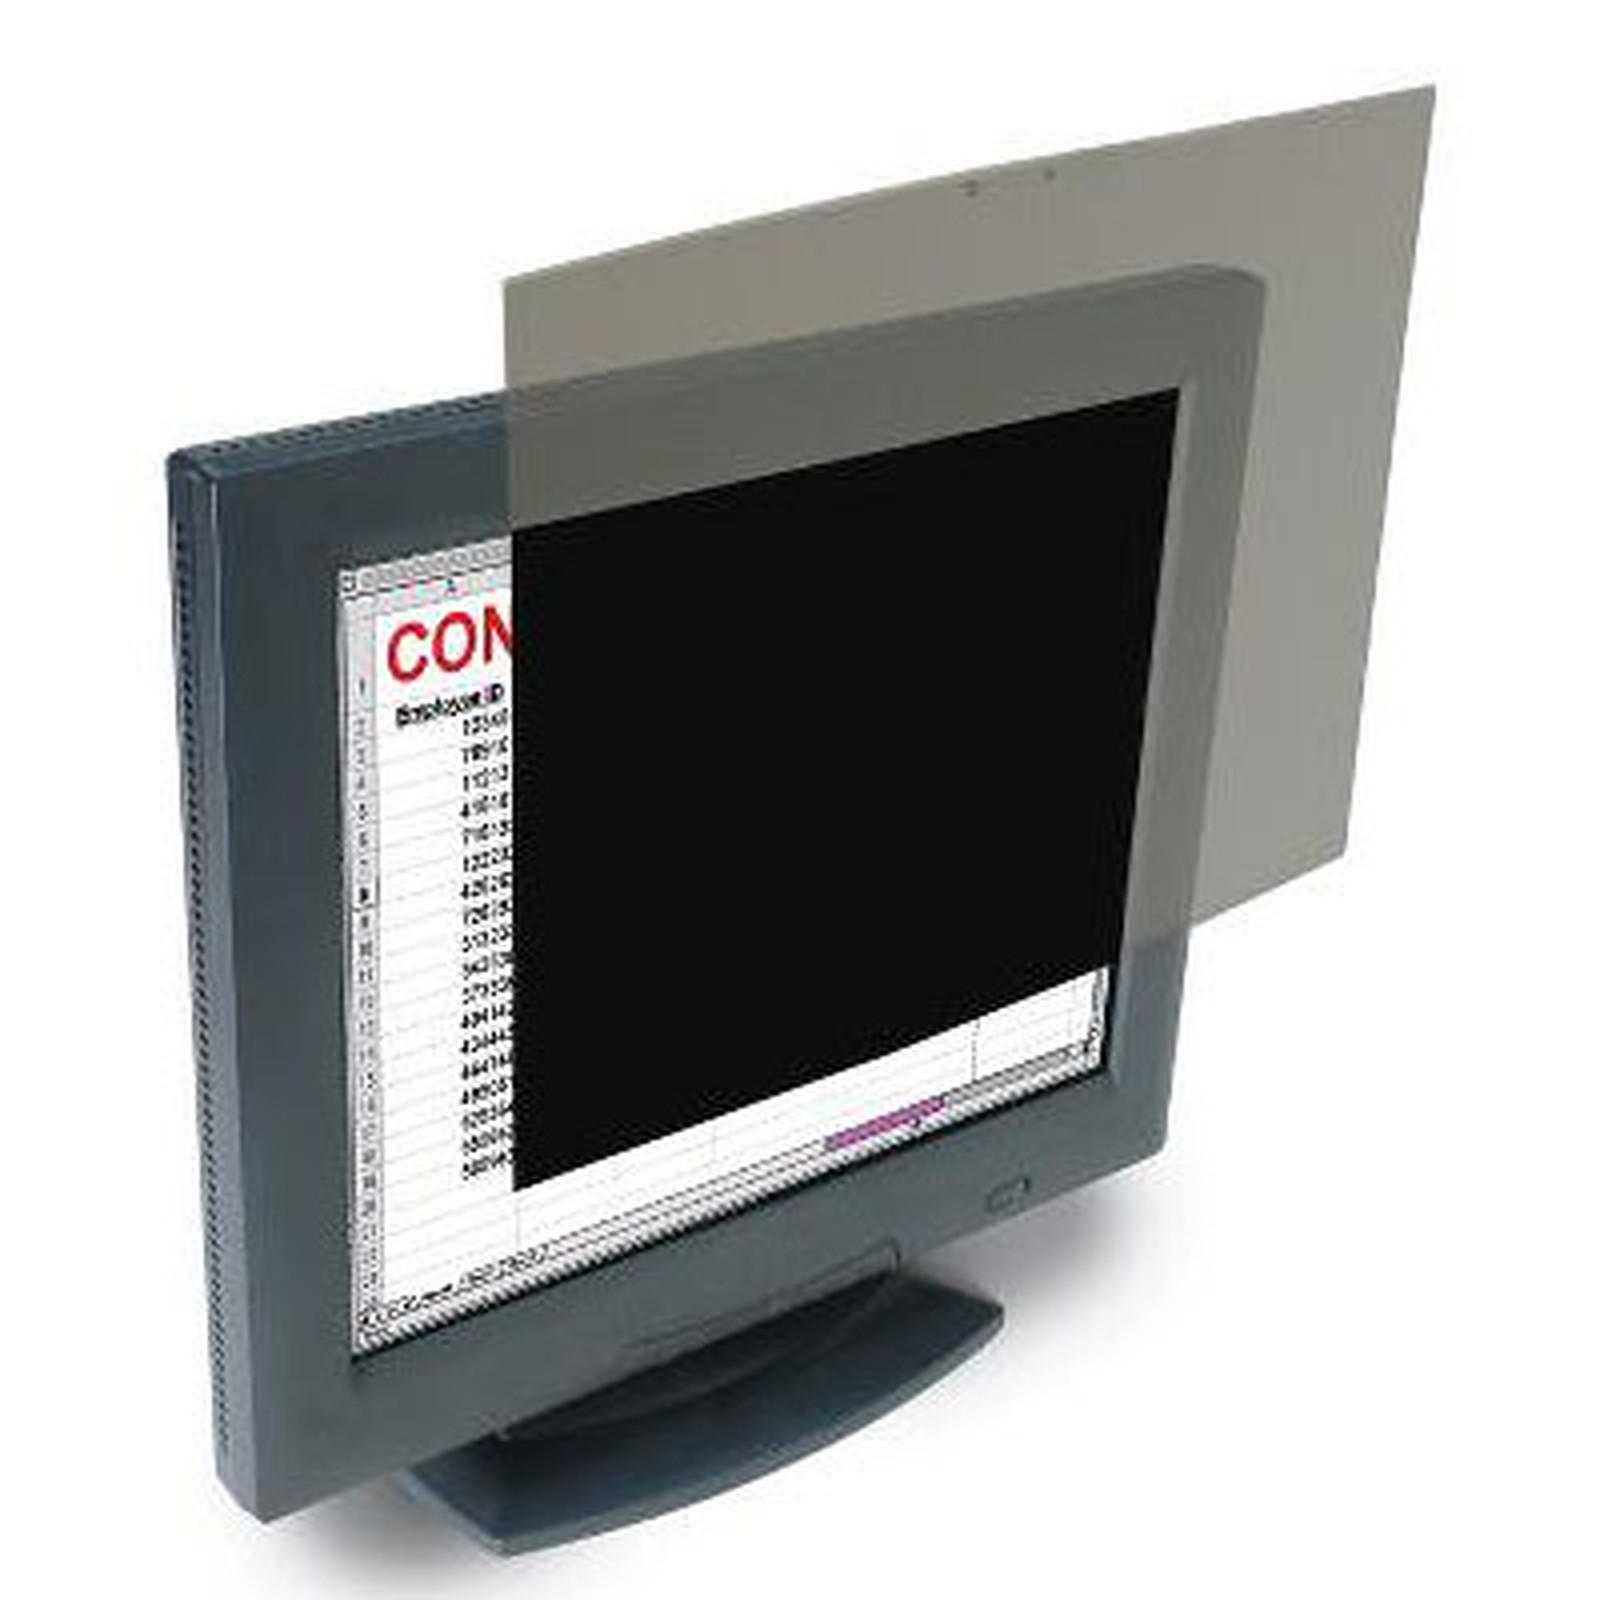 kensington filtre de confidentialit pour cran lcd 22 39 39 accessoires moniteur kensington sur. Black Bedroom Furniture Sets. Home Design Ideas